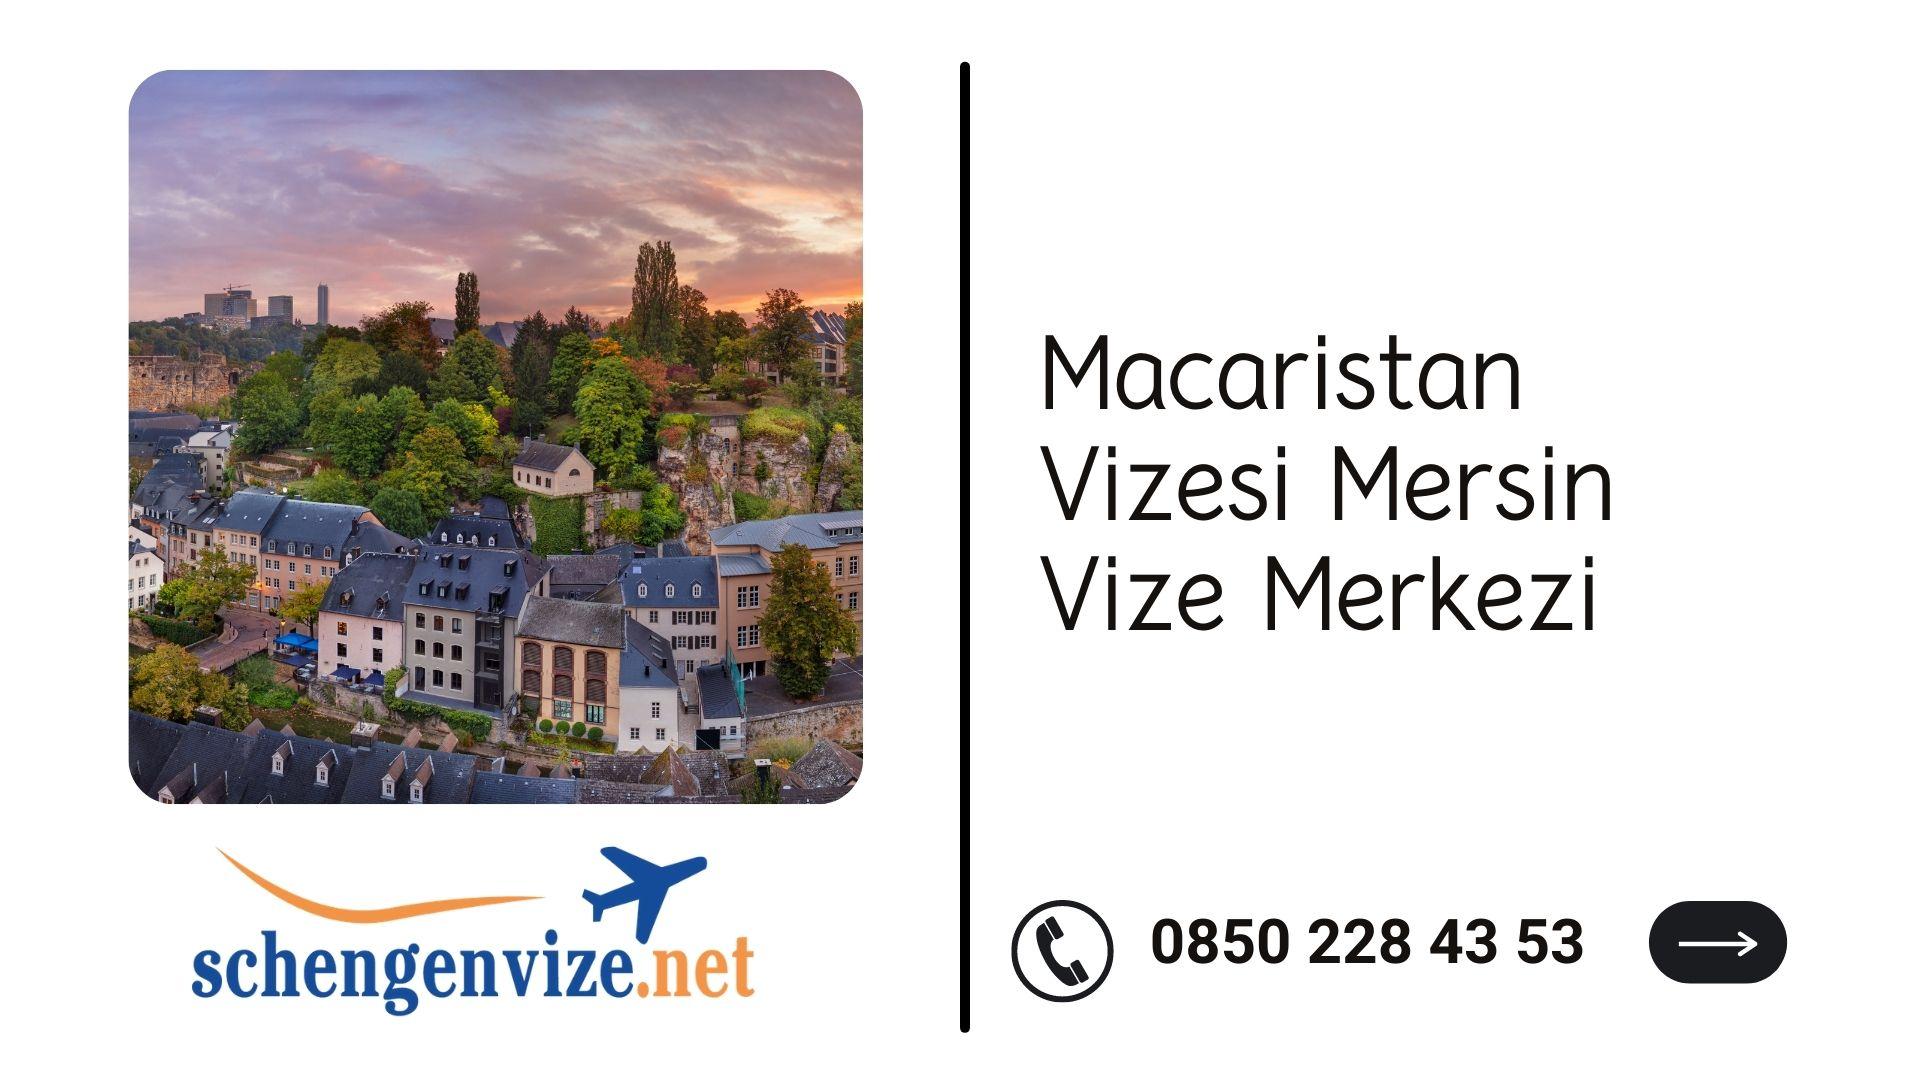 Macaristan Vizesi Mersin Vize Merkezi